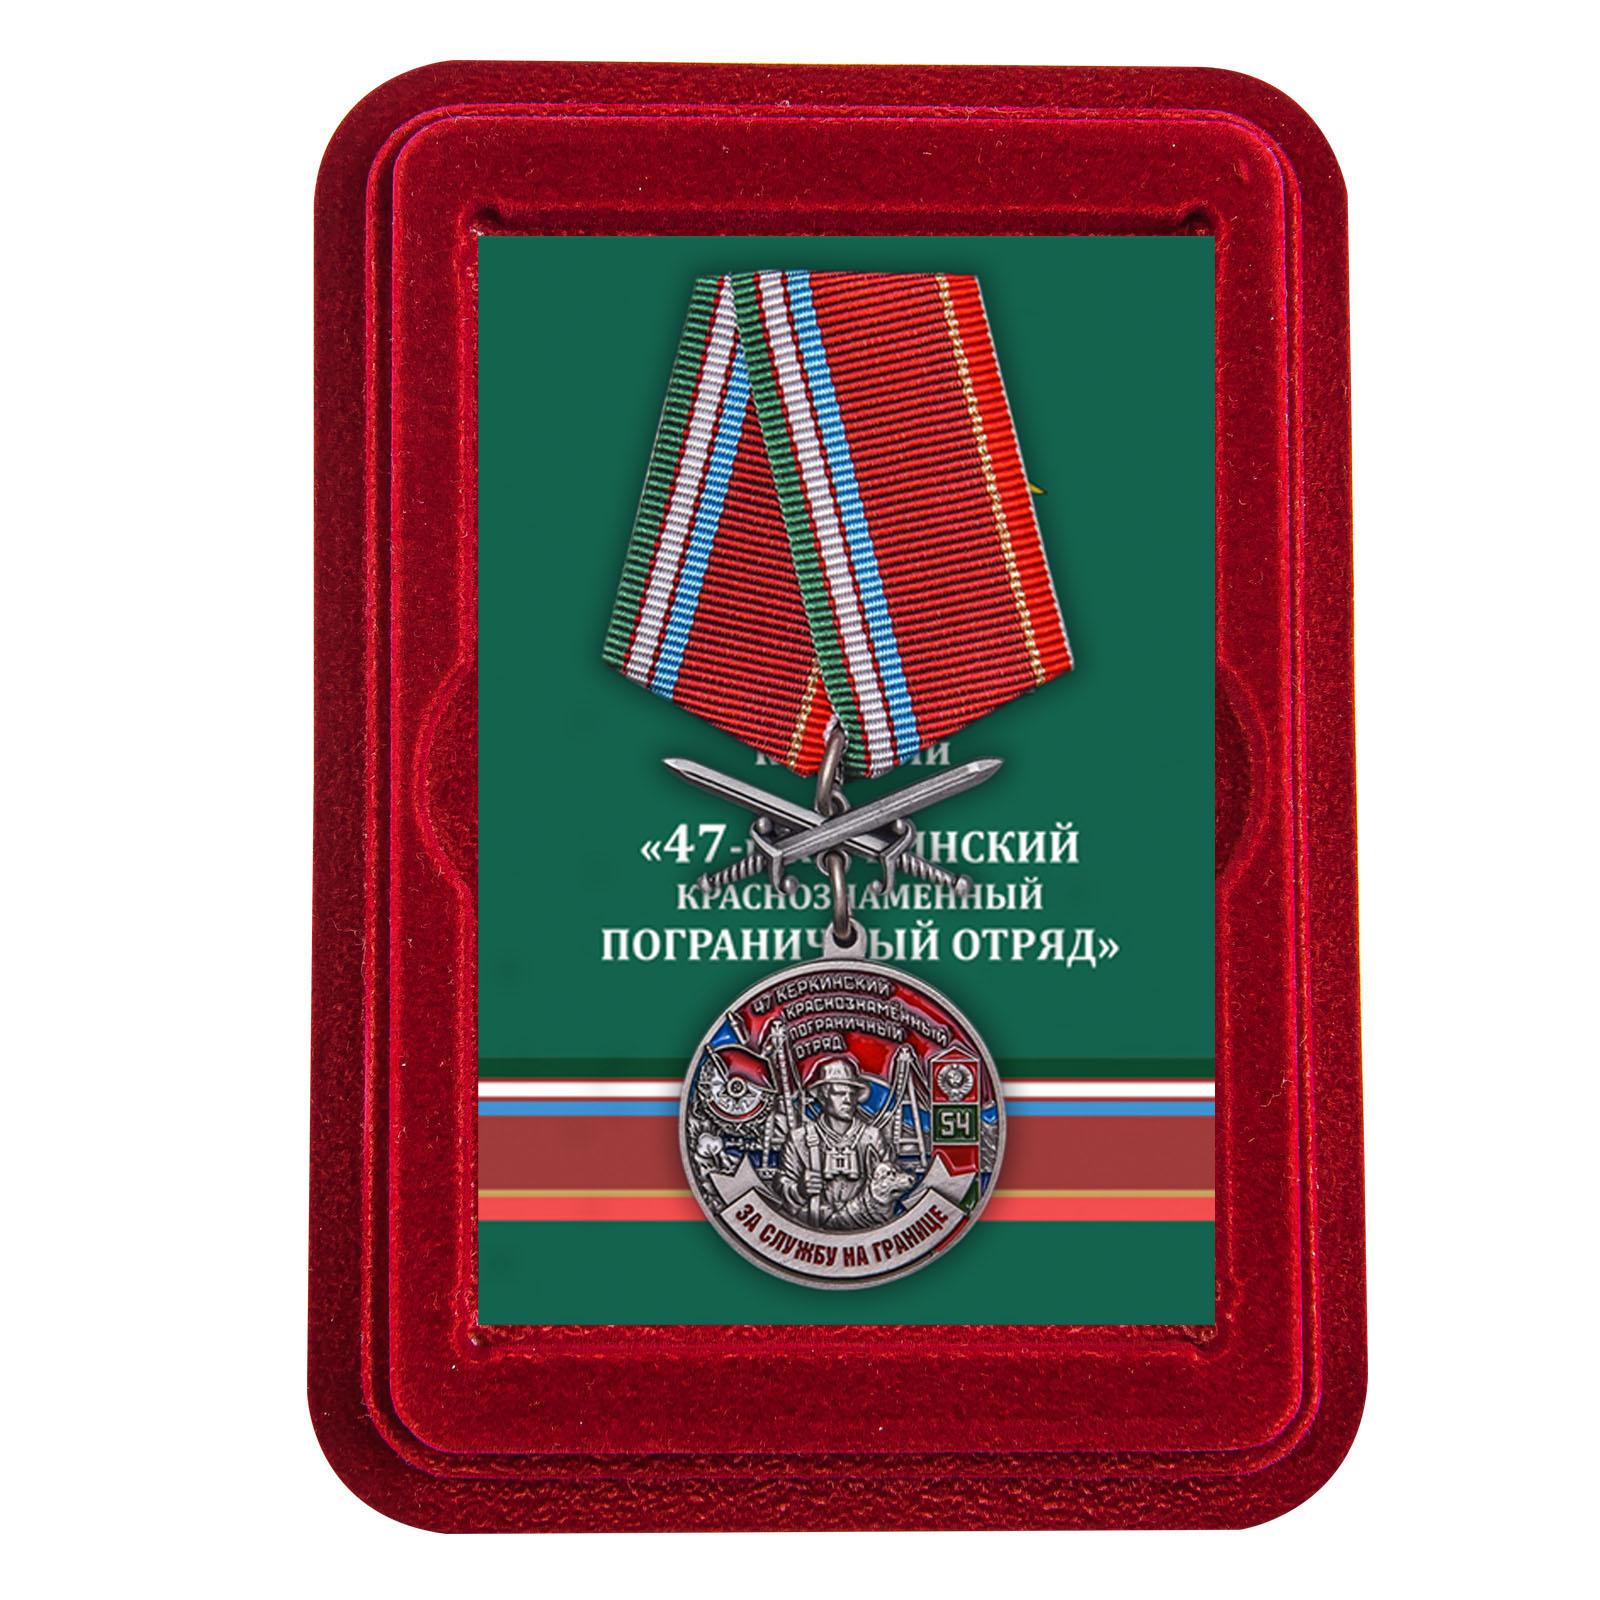 Памятная медаль За службу в Керкинском пограничном отряде - в футляре